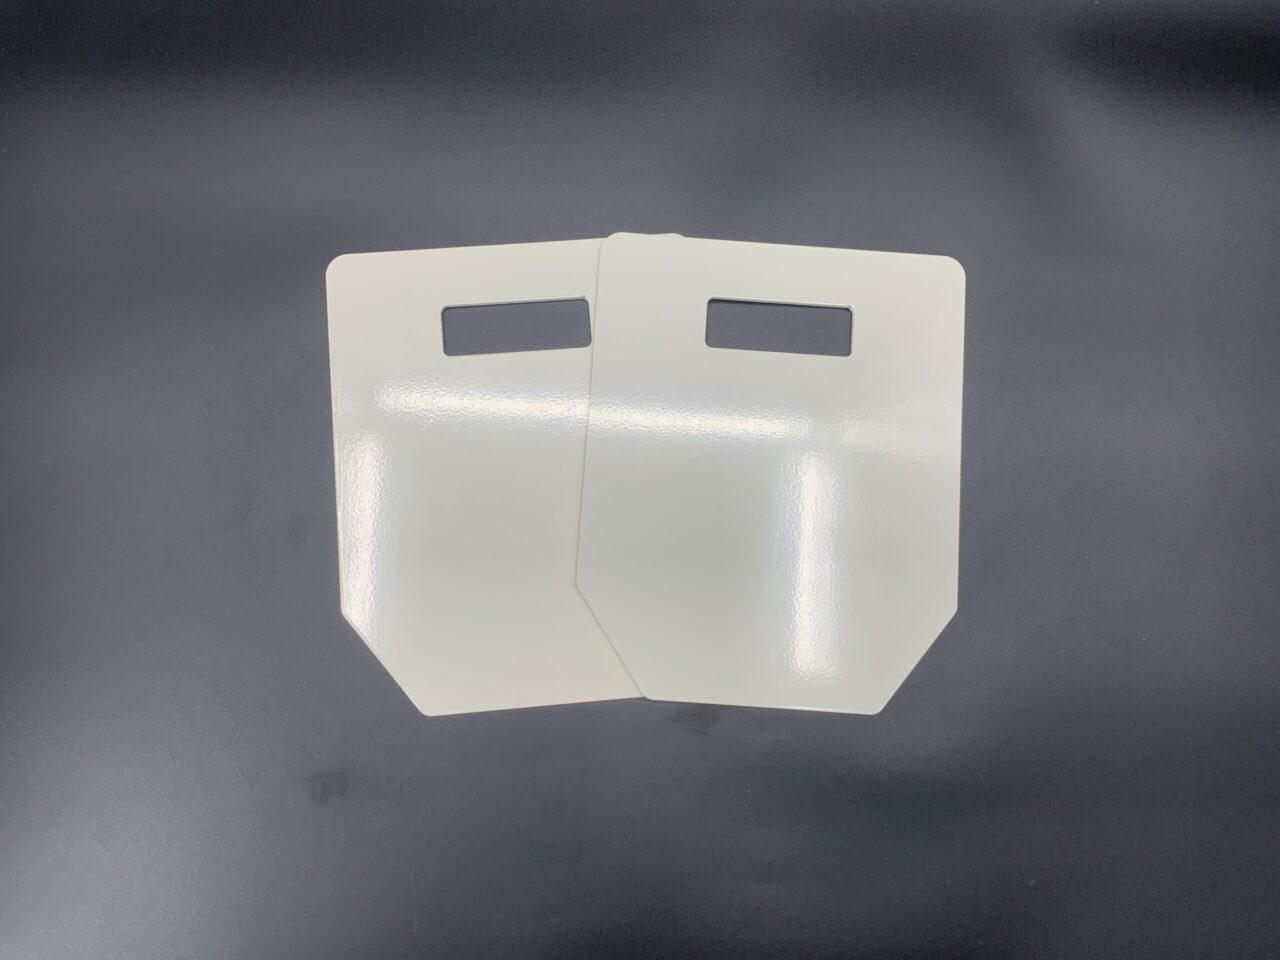 Пластины для жилета-утяжелителя